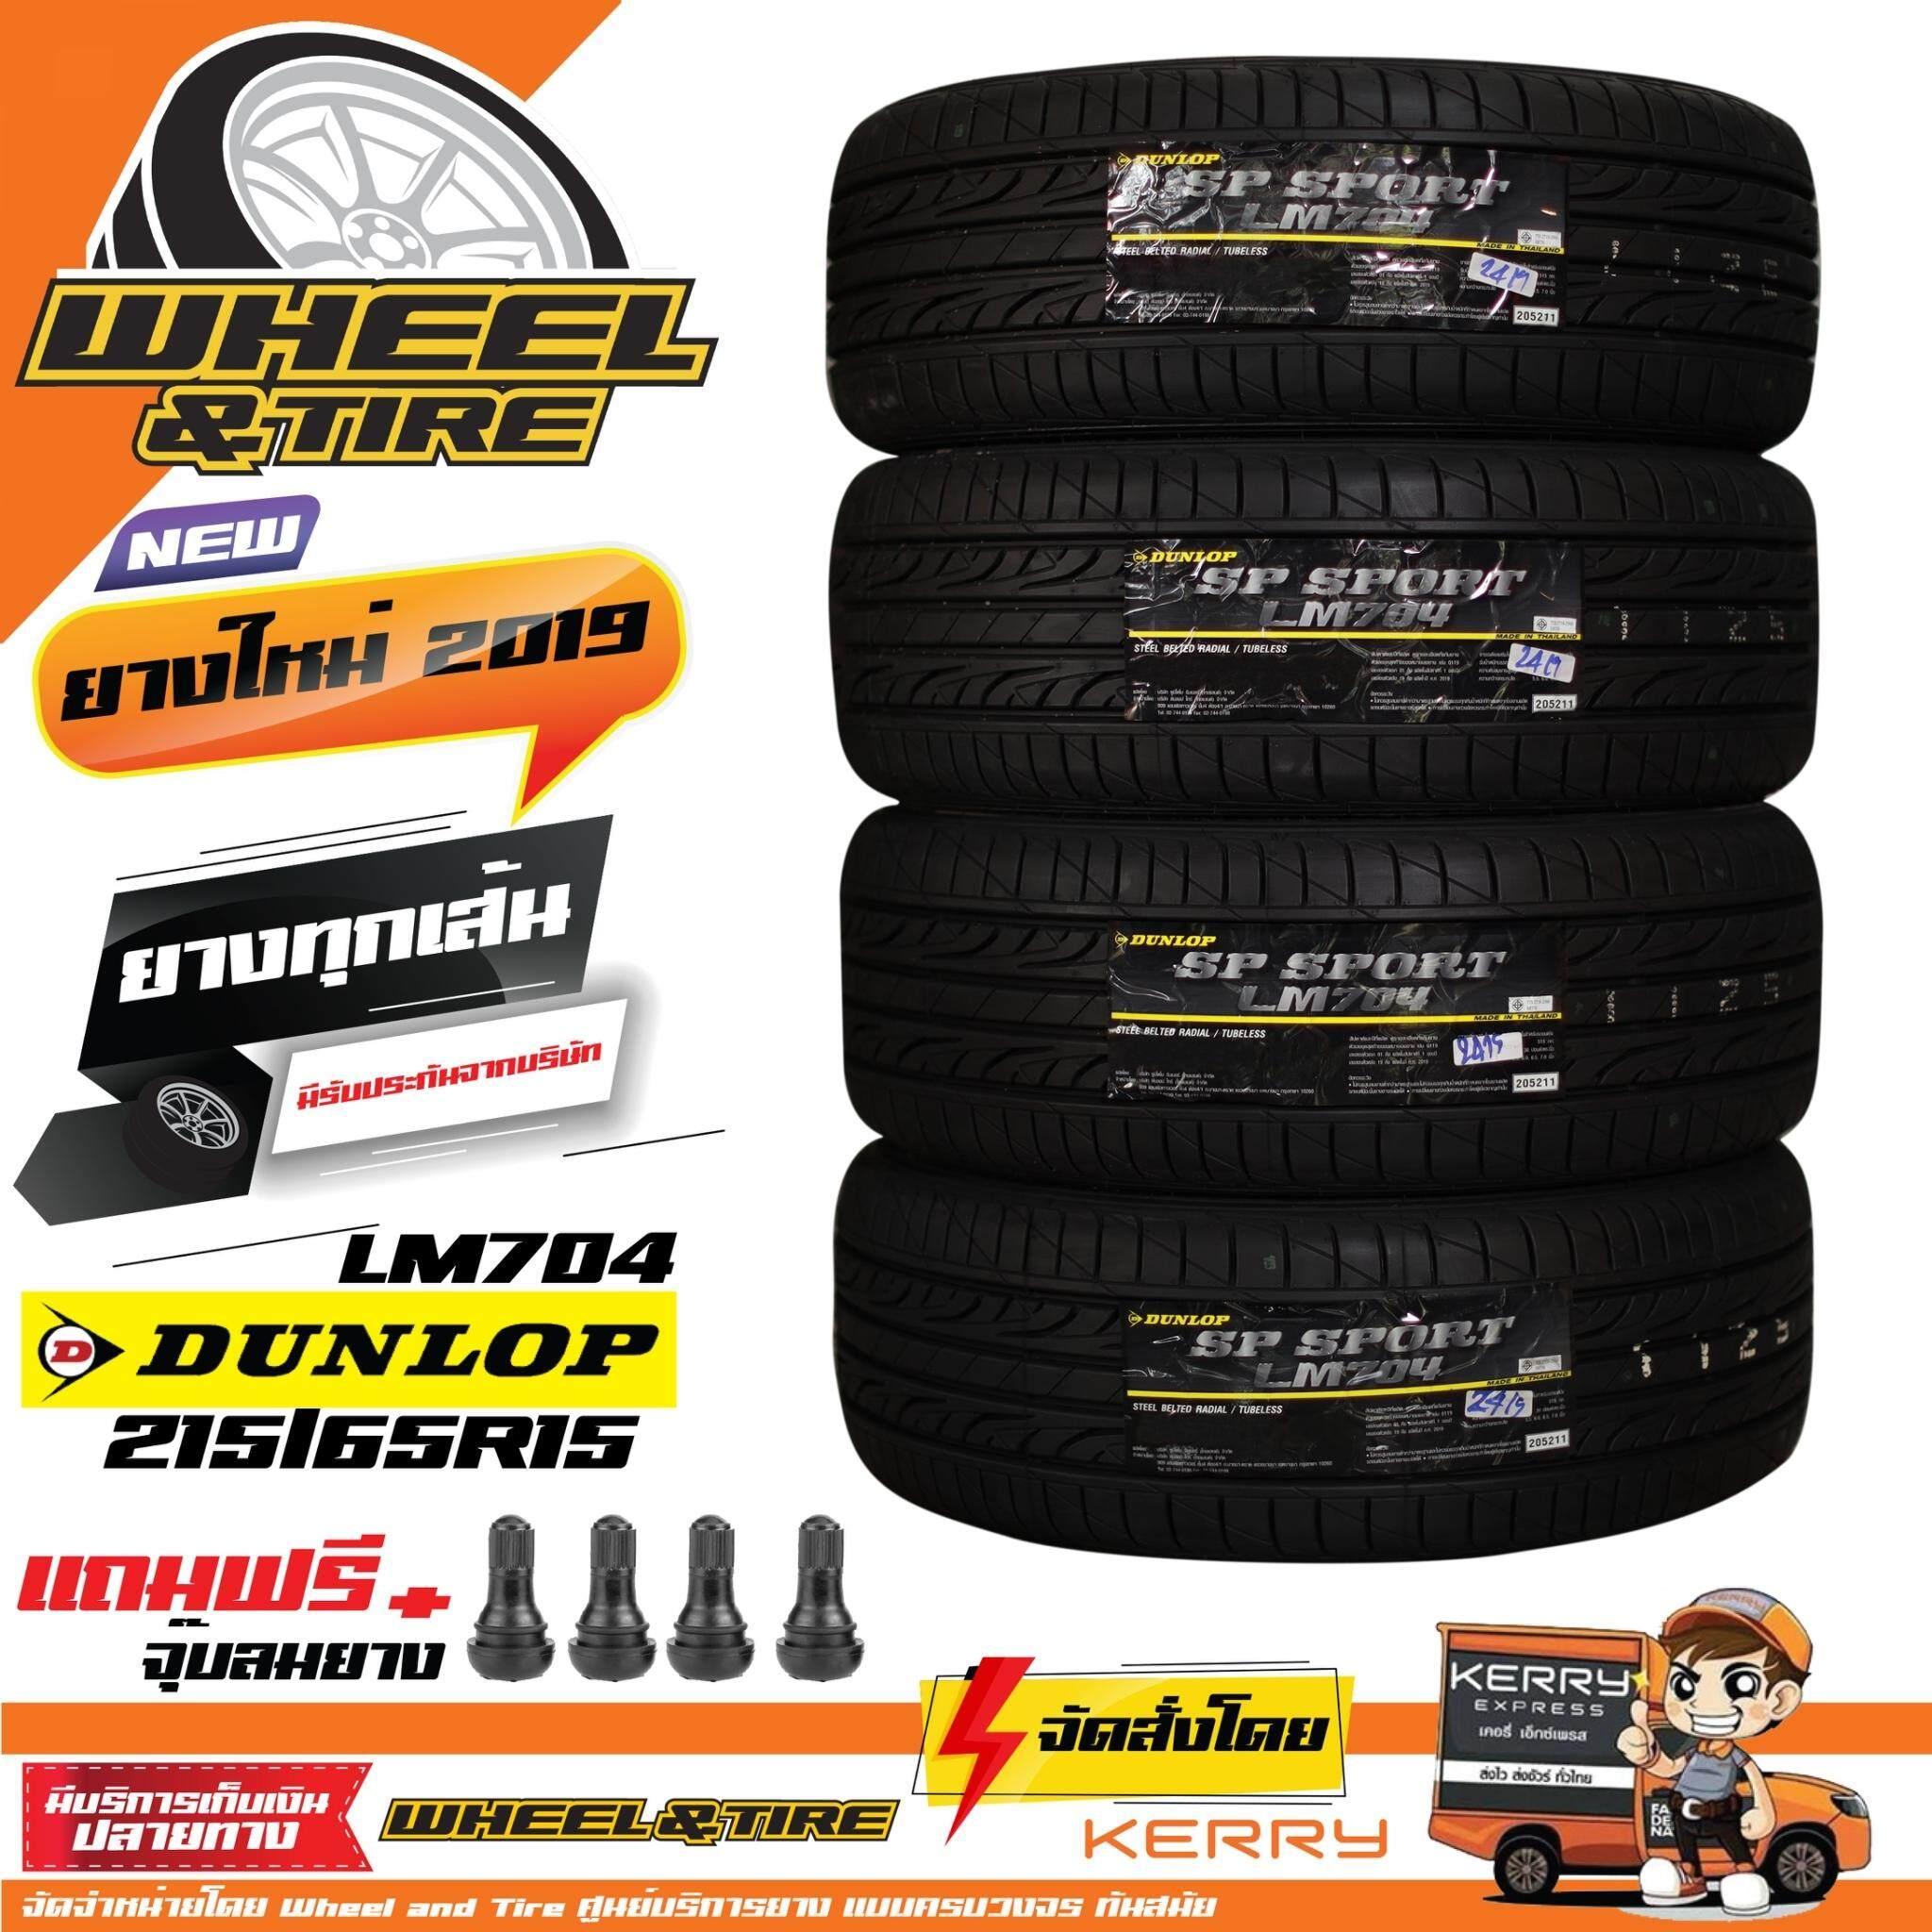 ประกันภัย รถยนต์ 3 พลัส ราคา ถูก เพชรบูรณ์ Dunlop ยางรถยนต์ 215/65R15 รุ่น LM 704 จำนวน 4 เส้น ยางใหม่ปี 2019 แถมฟรีจุ๊บลมยาง  4  ชิ้น